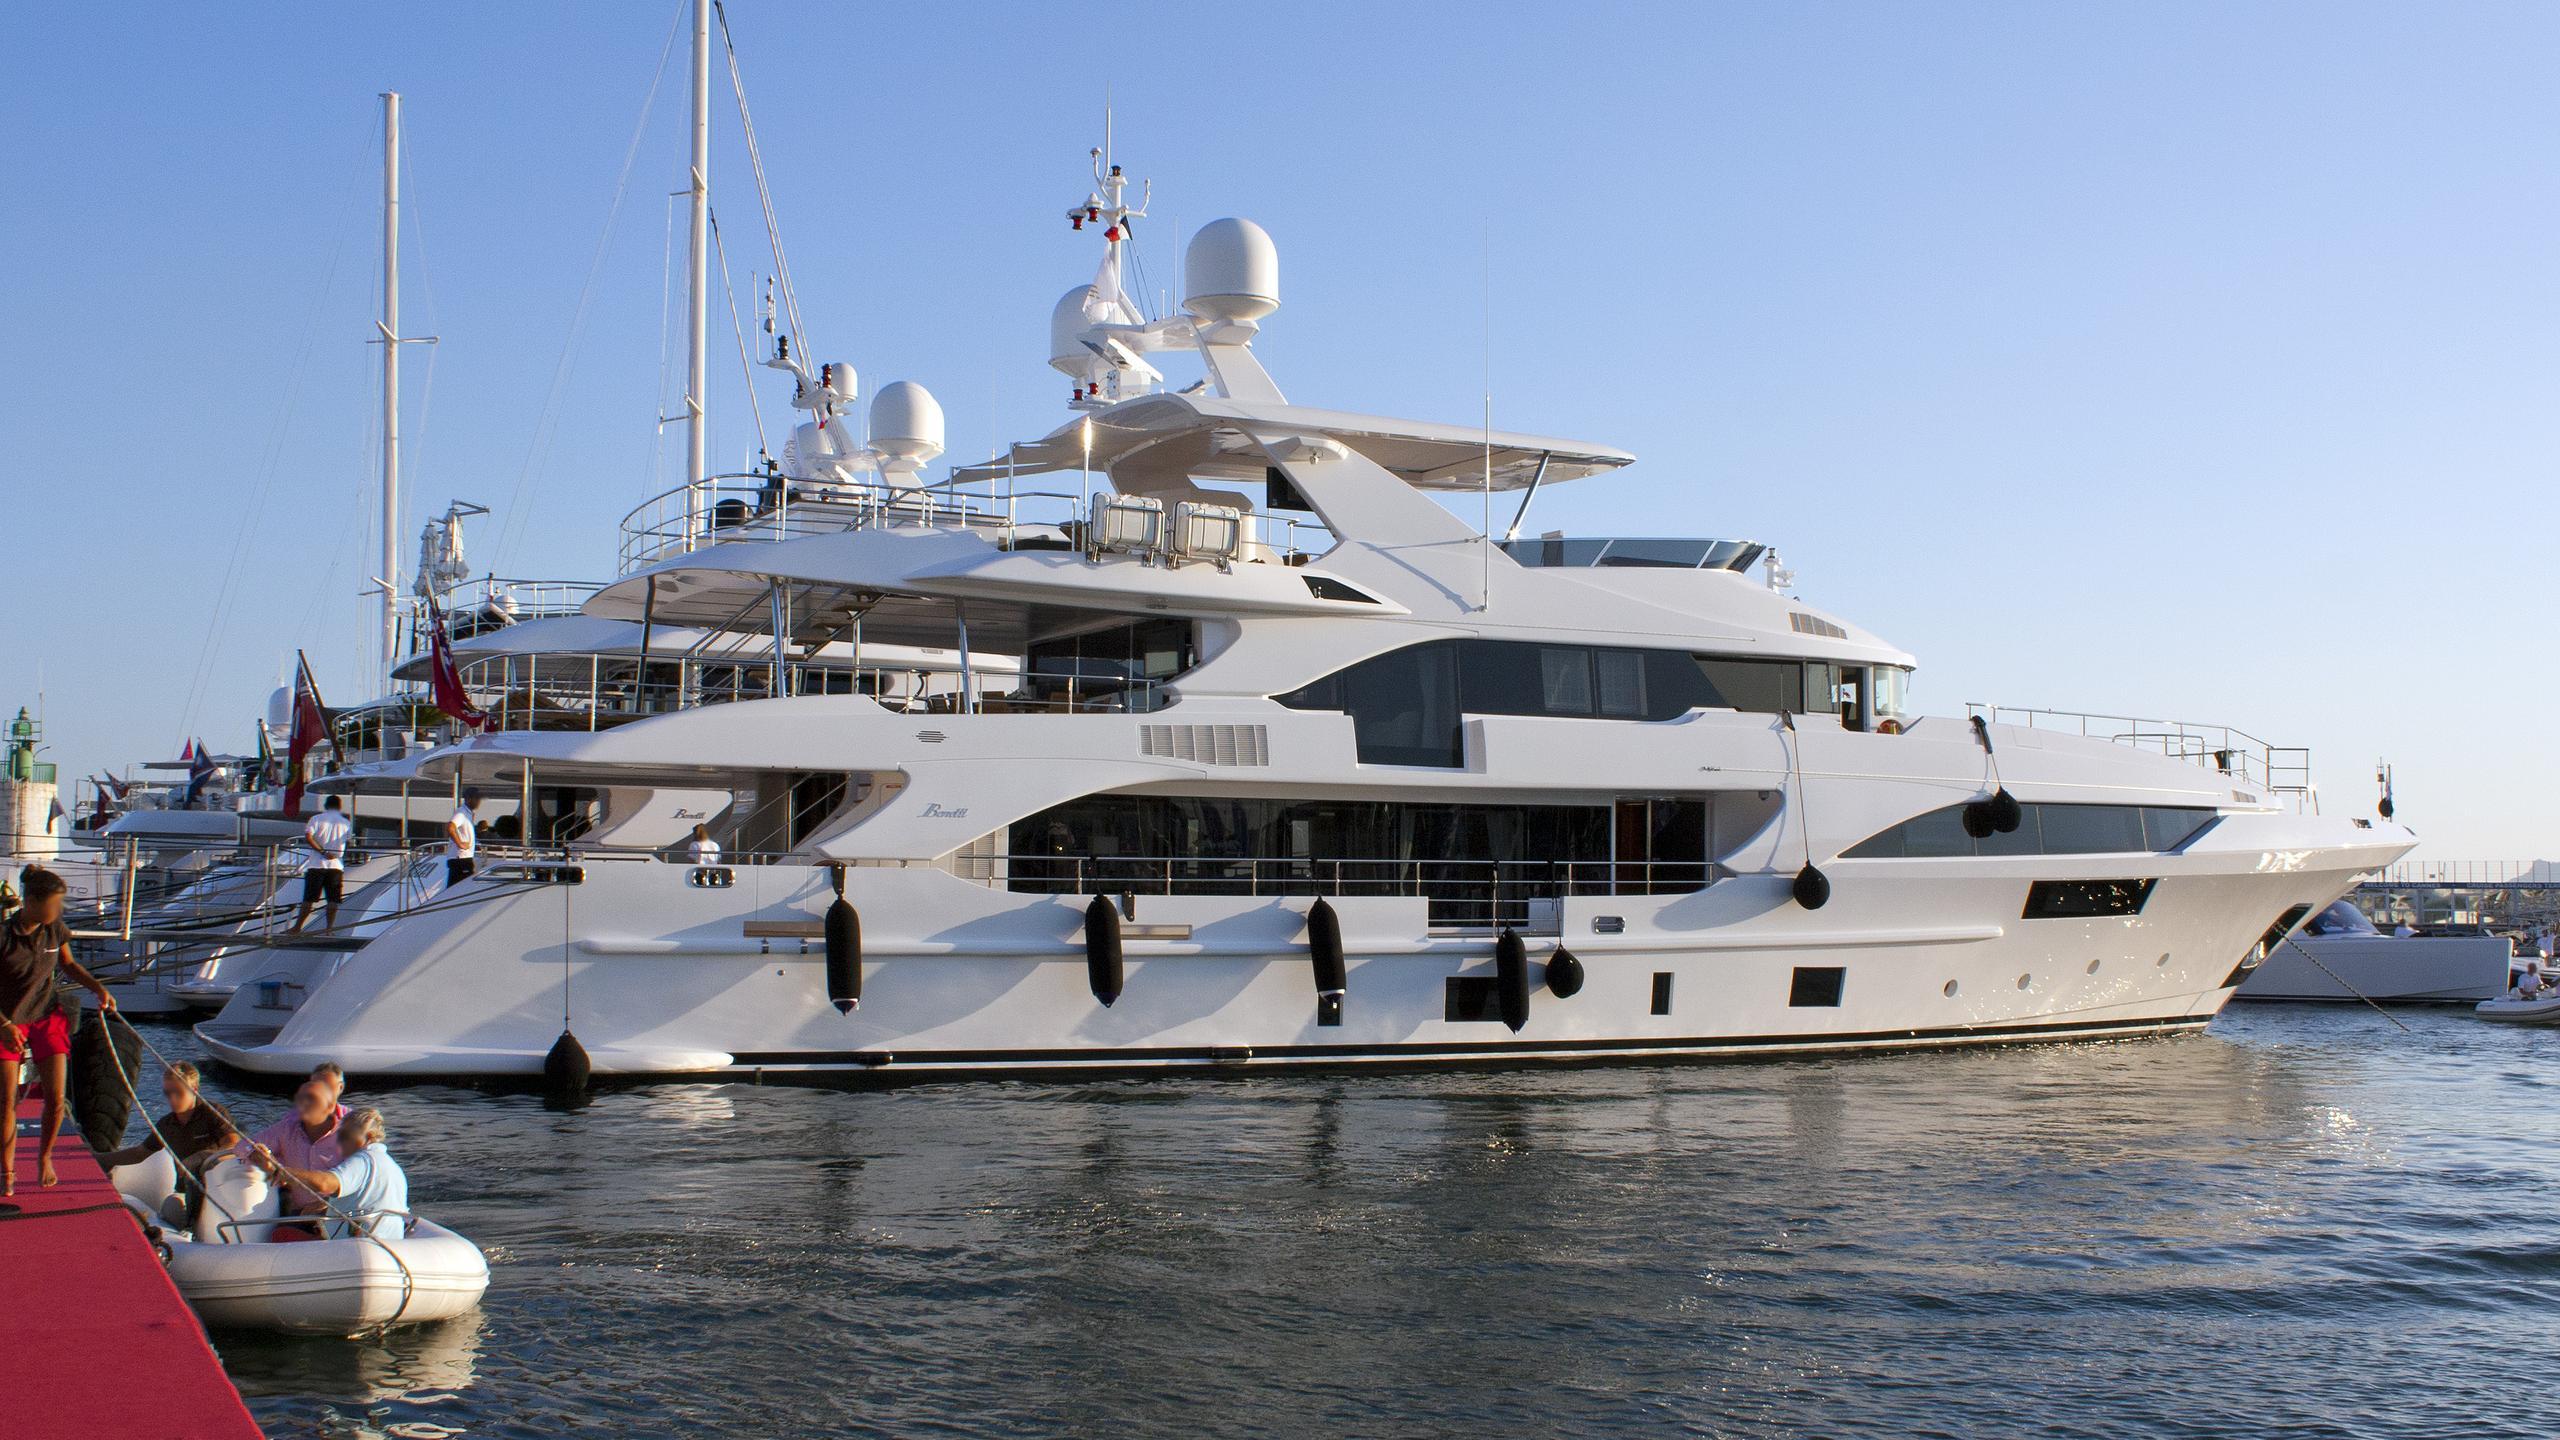 mingfa-motor-yacht-benetti-2014-40m-profile